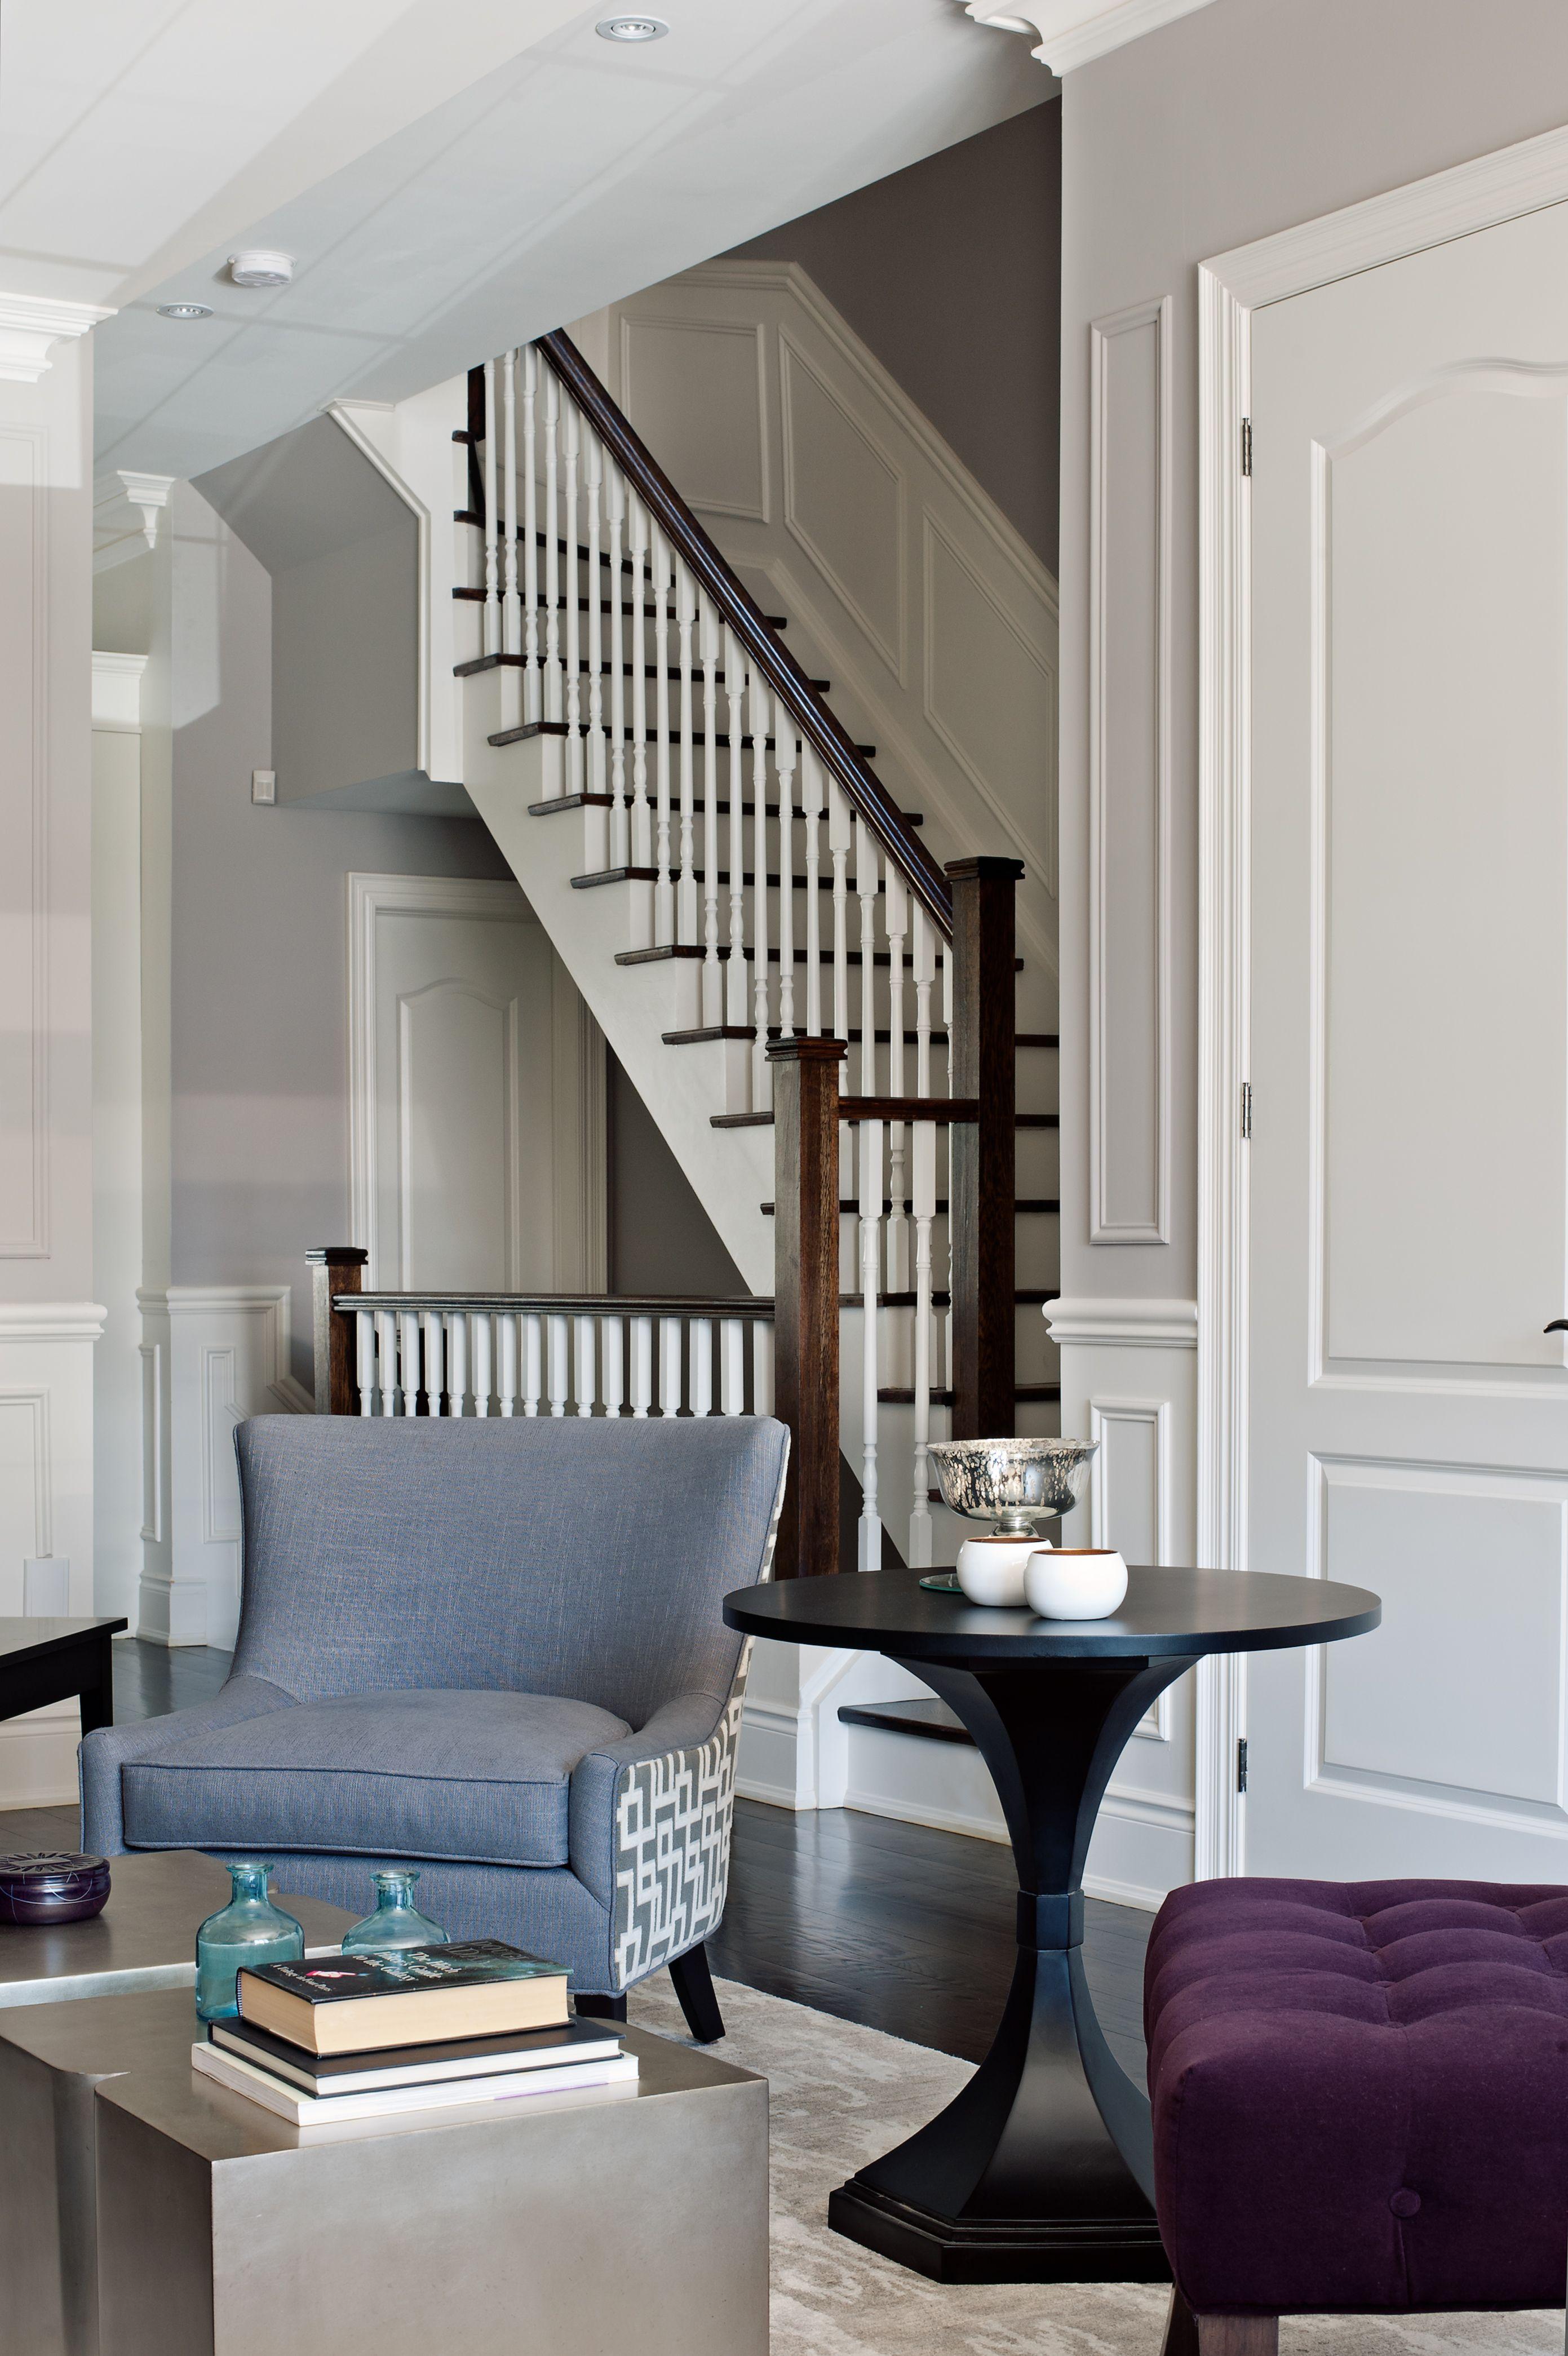 Contemporary Living Room Designed By Elizabeth Metcalfe Interiors & Design